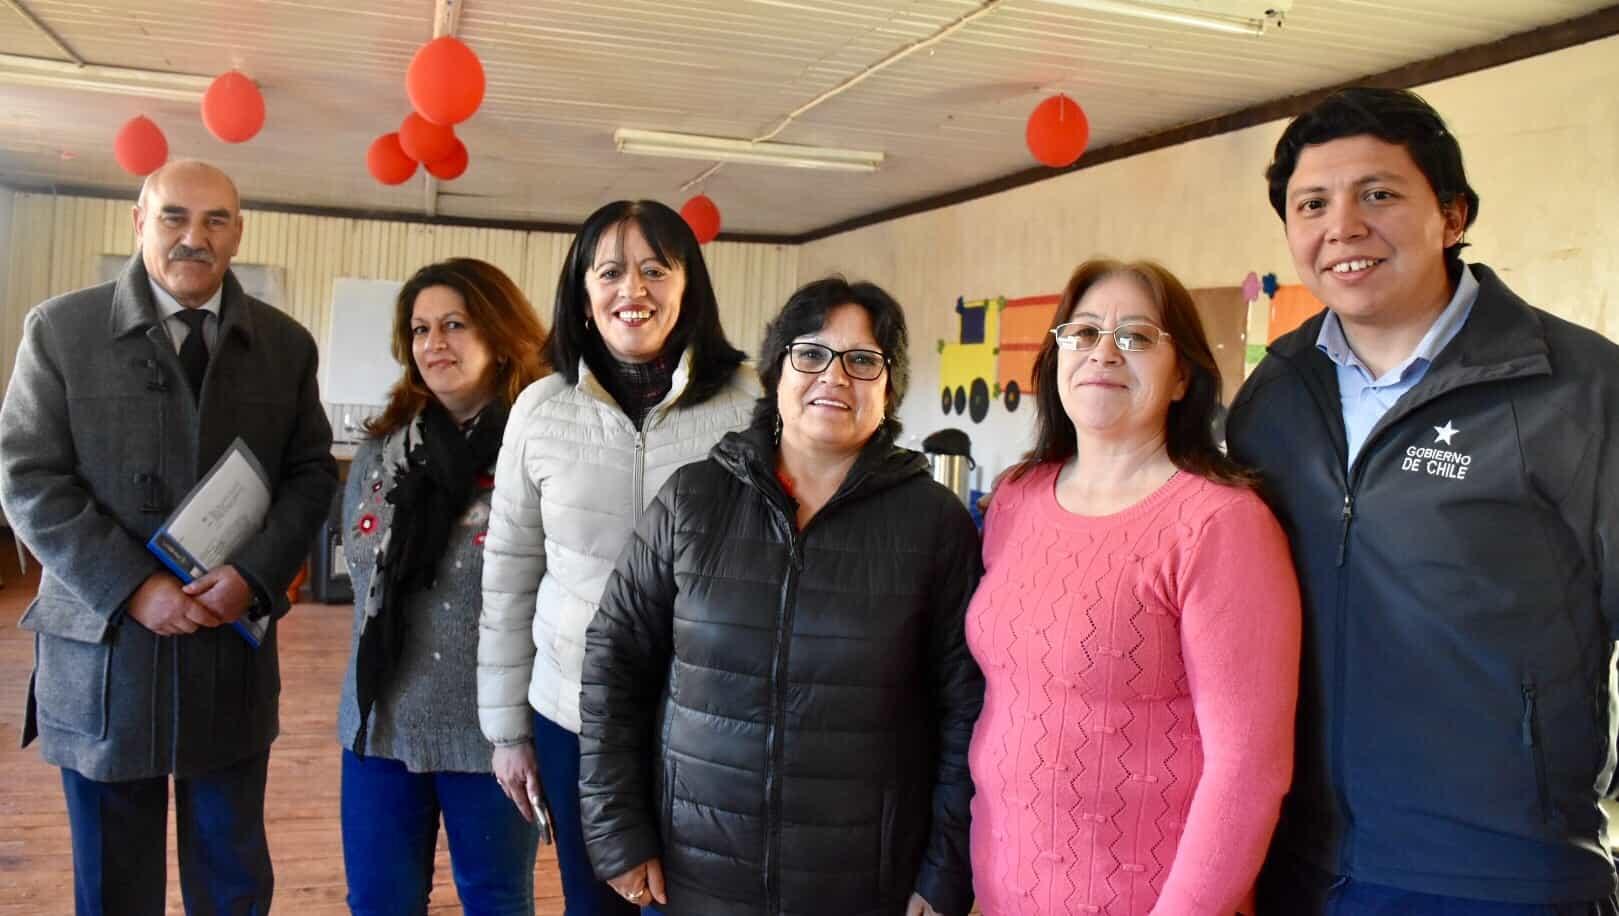 Vecinos de Río Claro en Yumbel contarán con nueva sede social